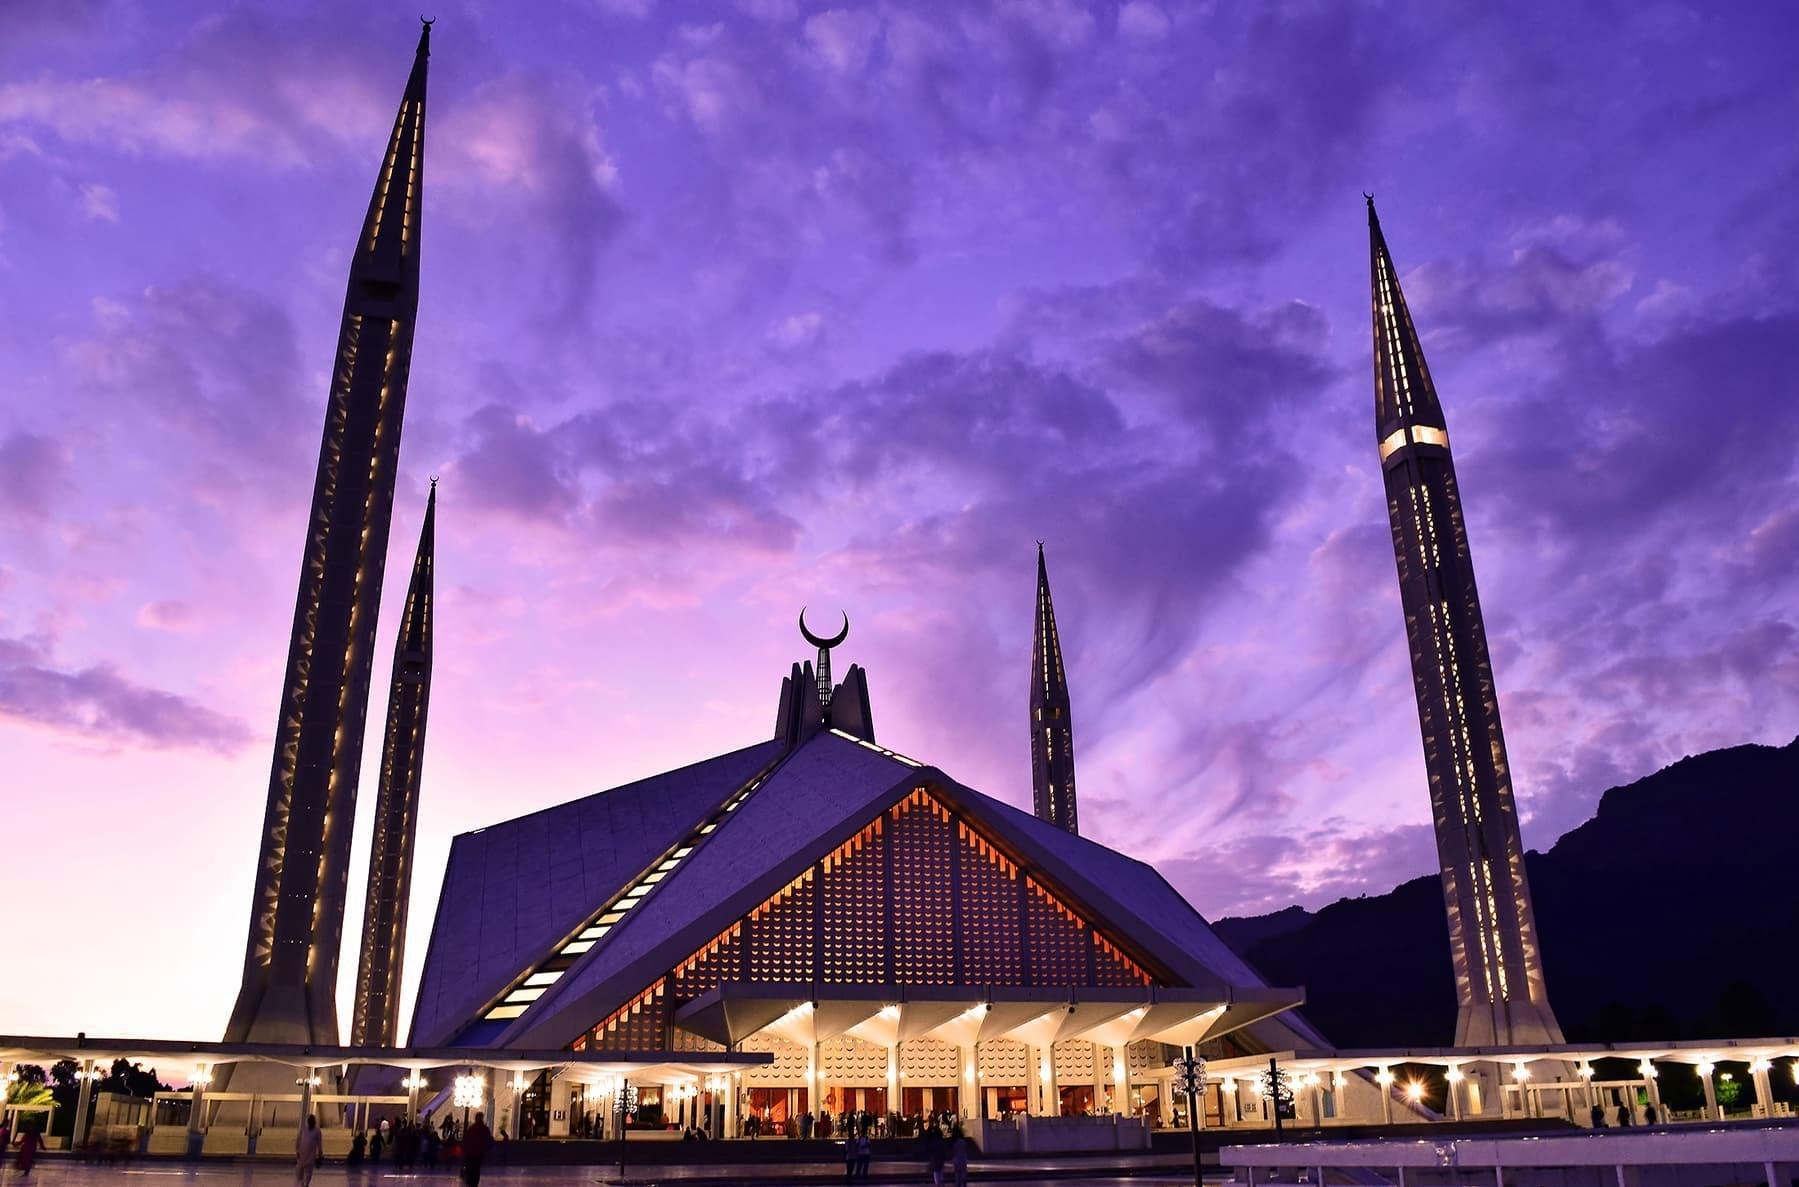 1394072815410292863359310 تصاویر زیبا از مکانهای دیدنی پاکستان